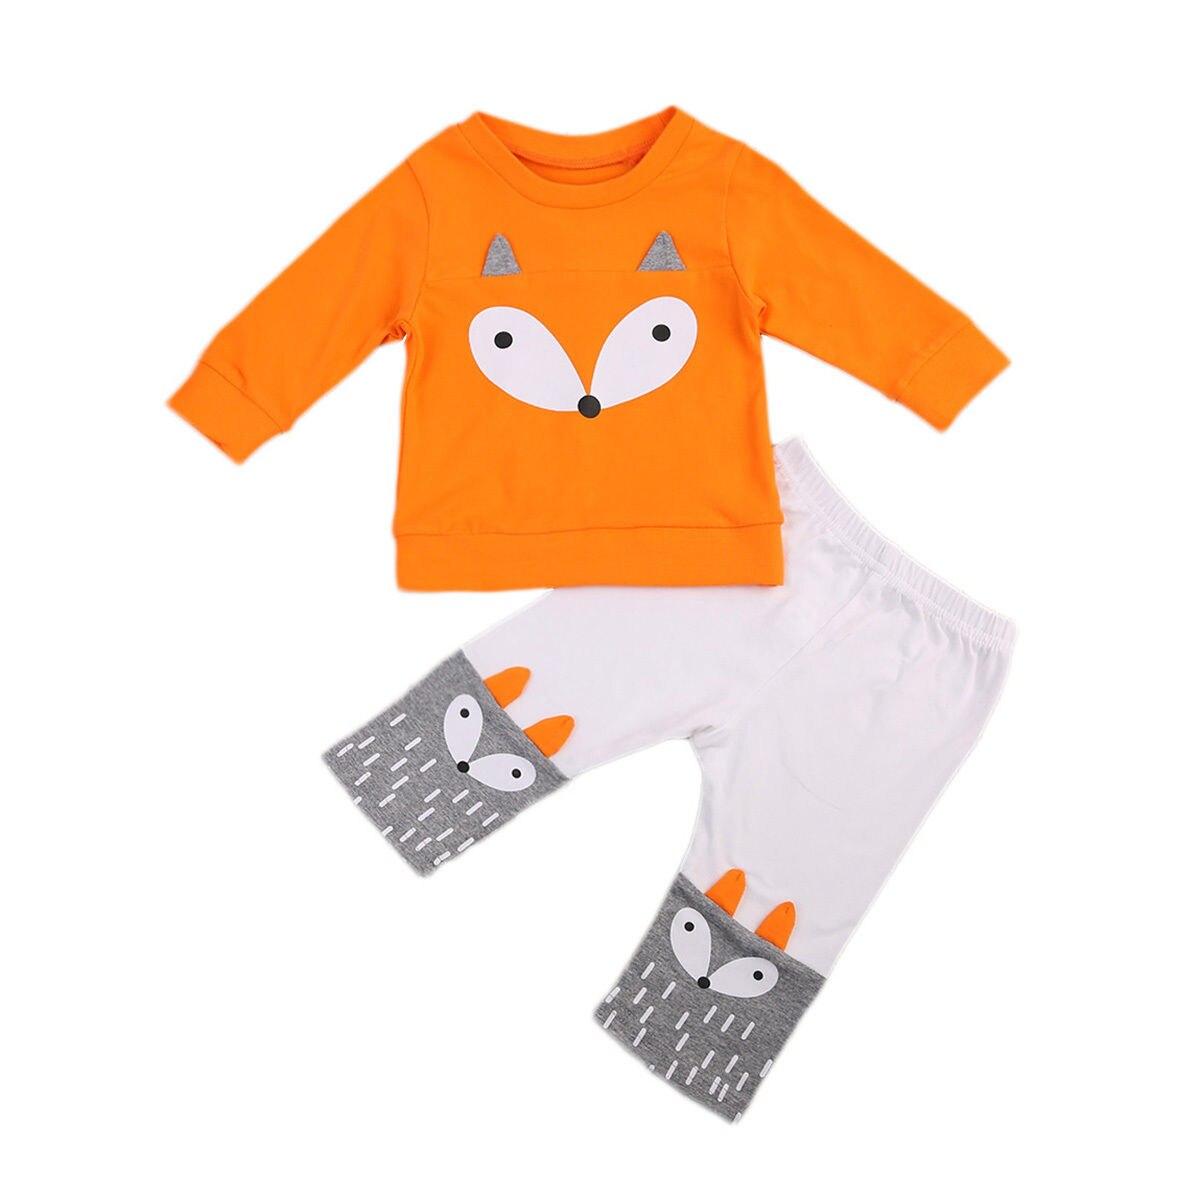 Горячая Распродажа новорожденный для маленьких девочек мальчик милый с лисьими ушками комплект из 2 предметов Длинный топ комплект одежды +...